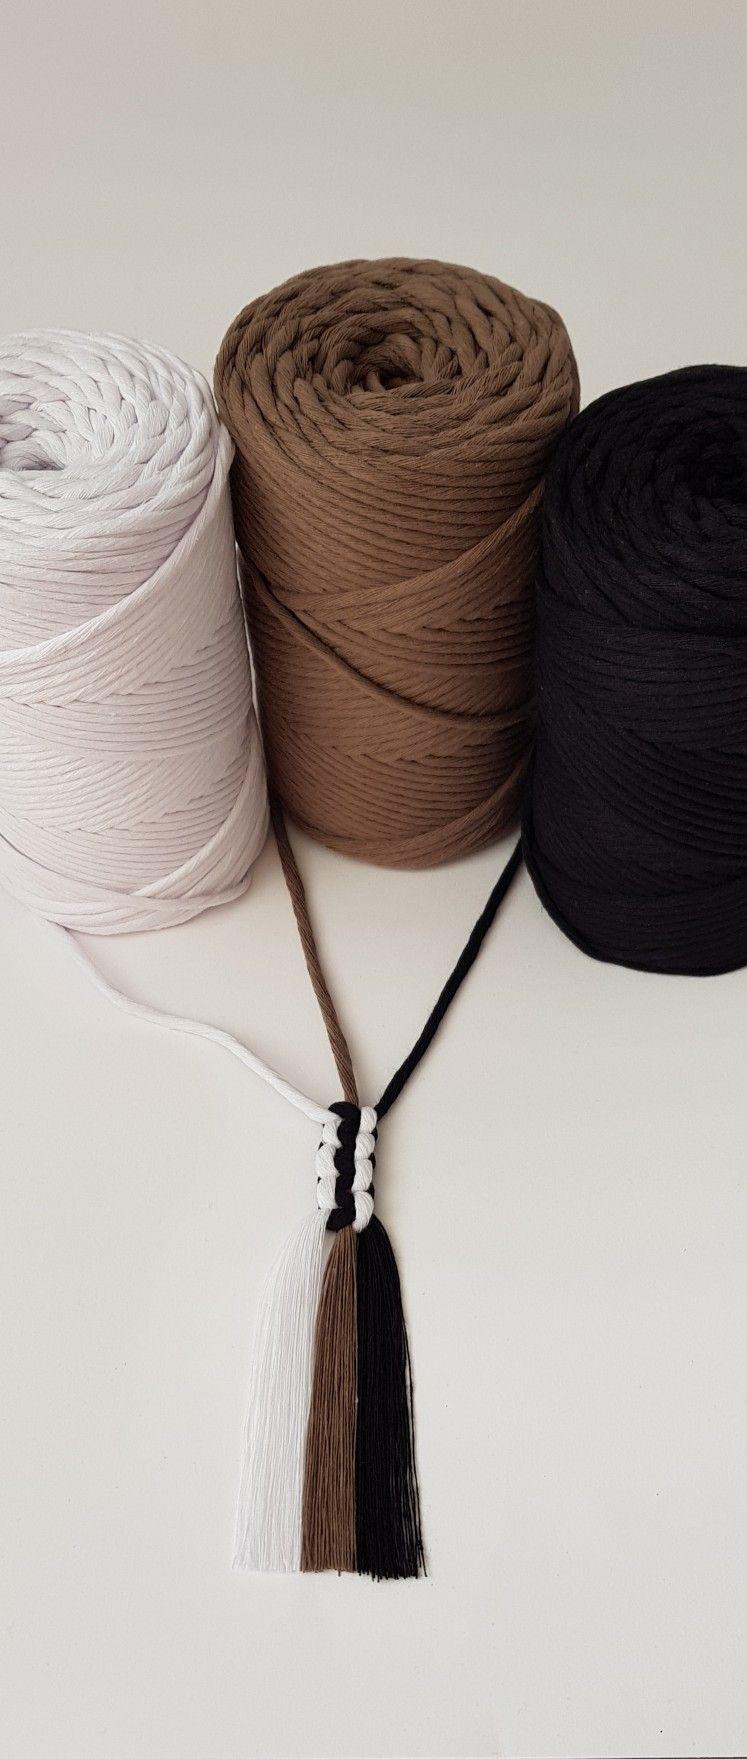 3mm*200m Natural Made Cotton Cord Macrame Yarn Rope DIY Hanging Crafts String Uk